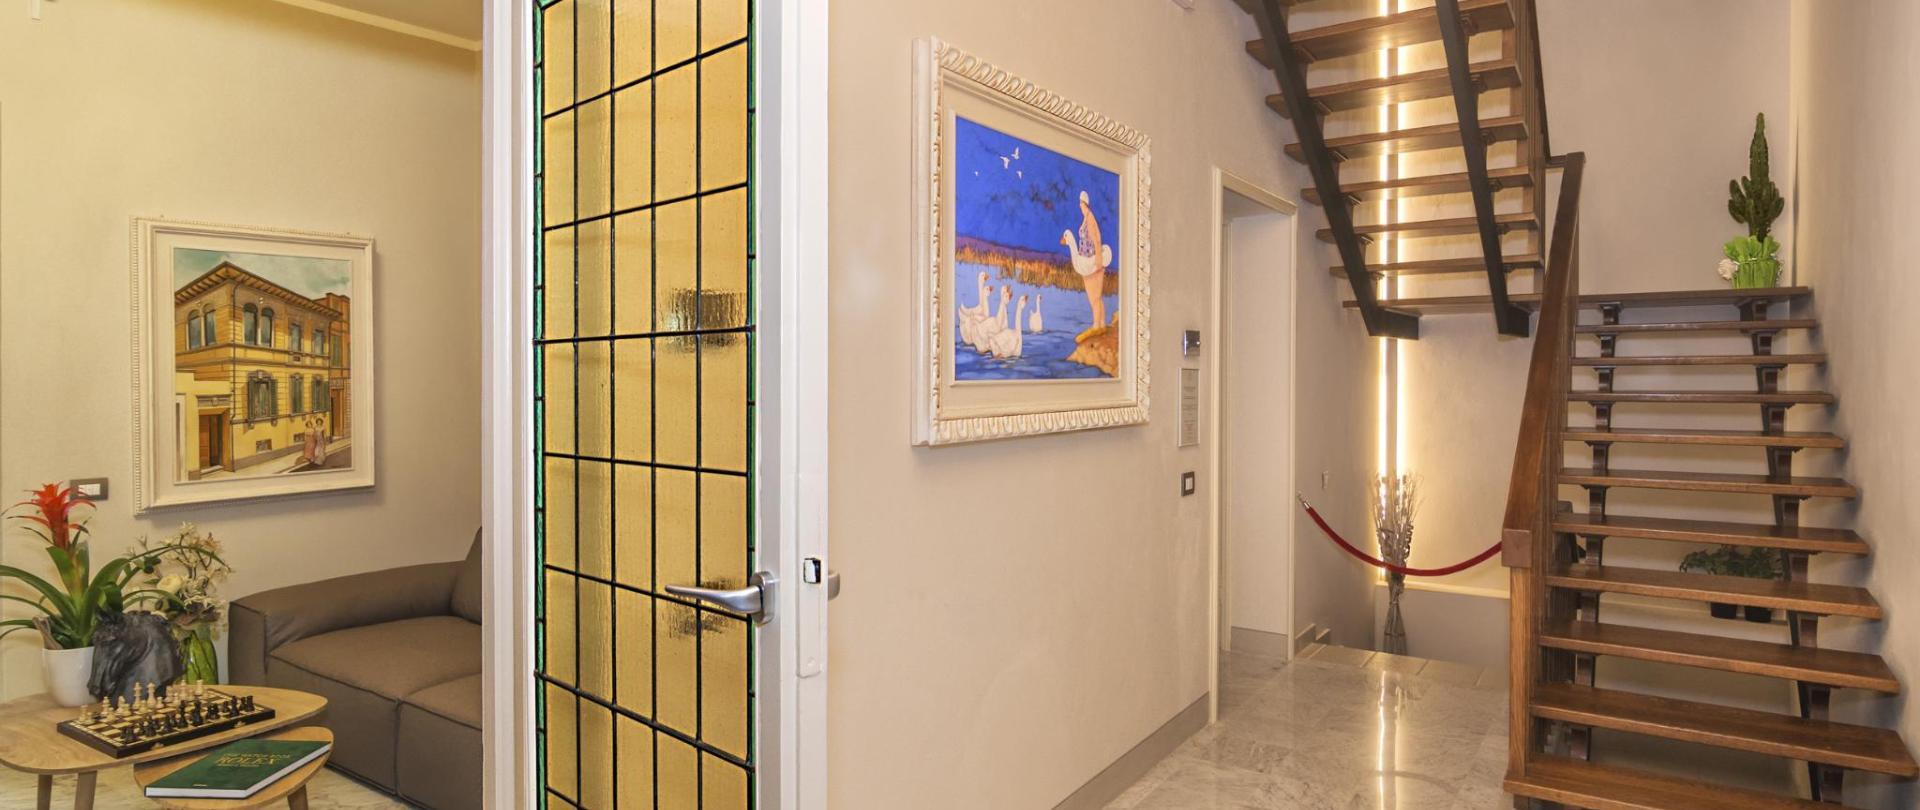 比萨奇尼宫豪华客房